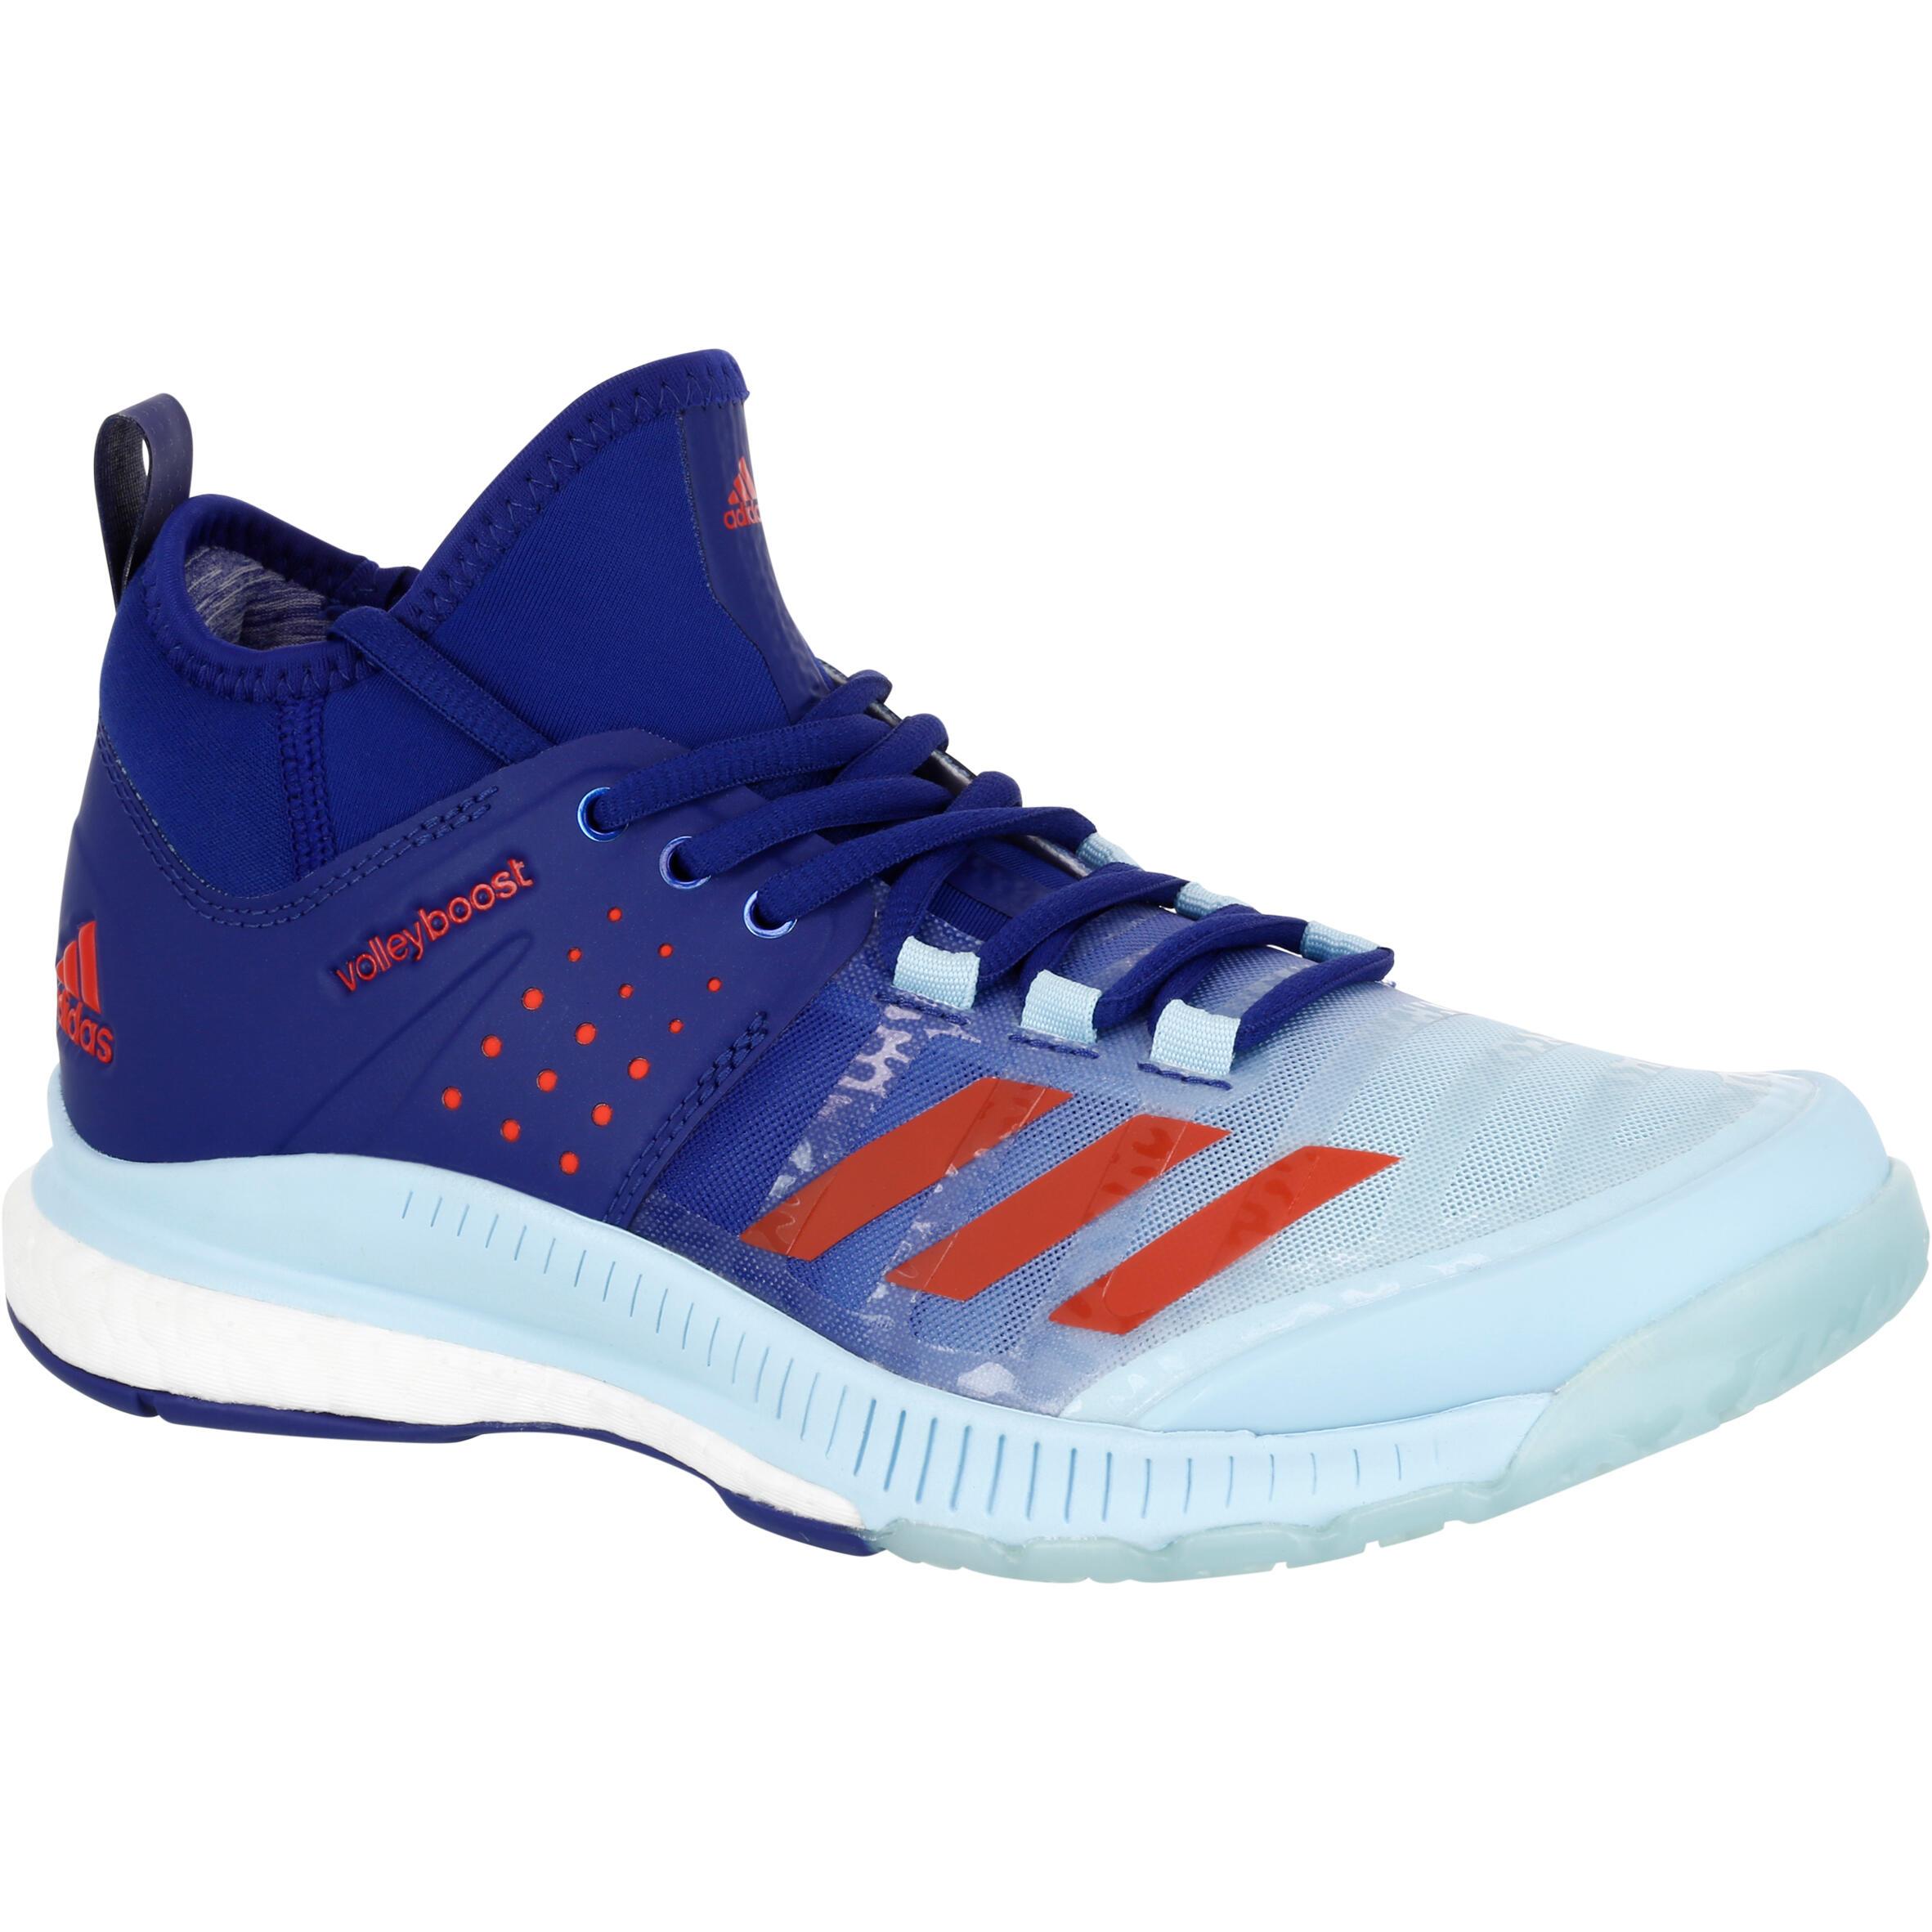 c24ba7ea50d Comprar Zapatillas de Voleibol adultos y niños